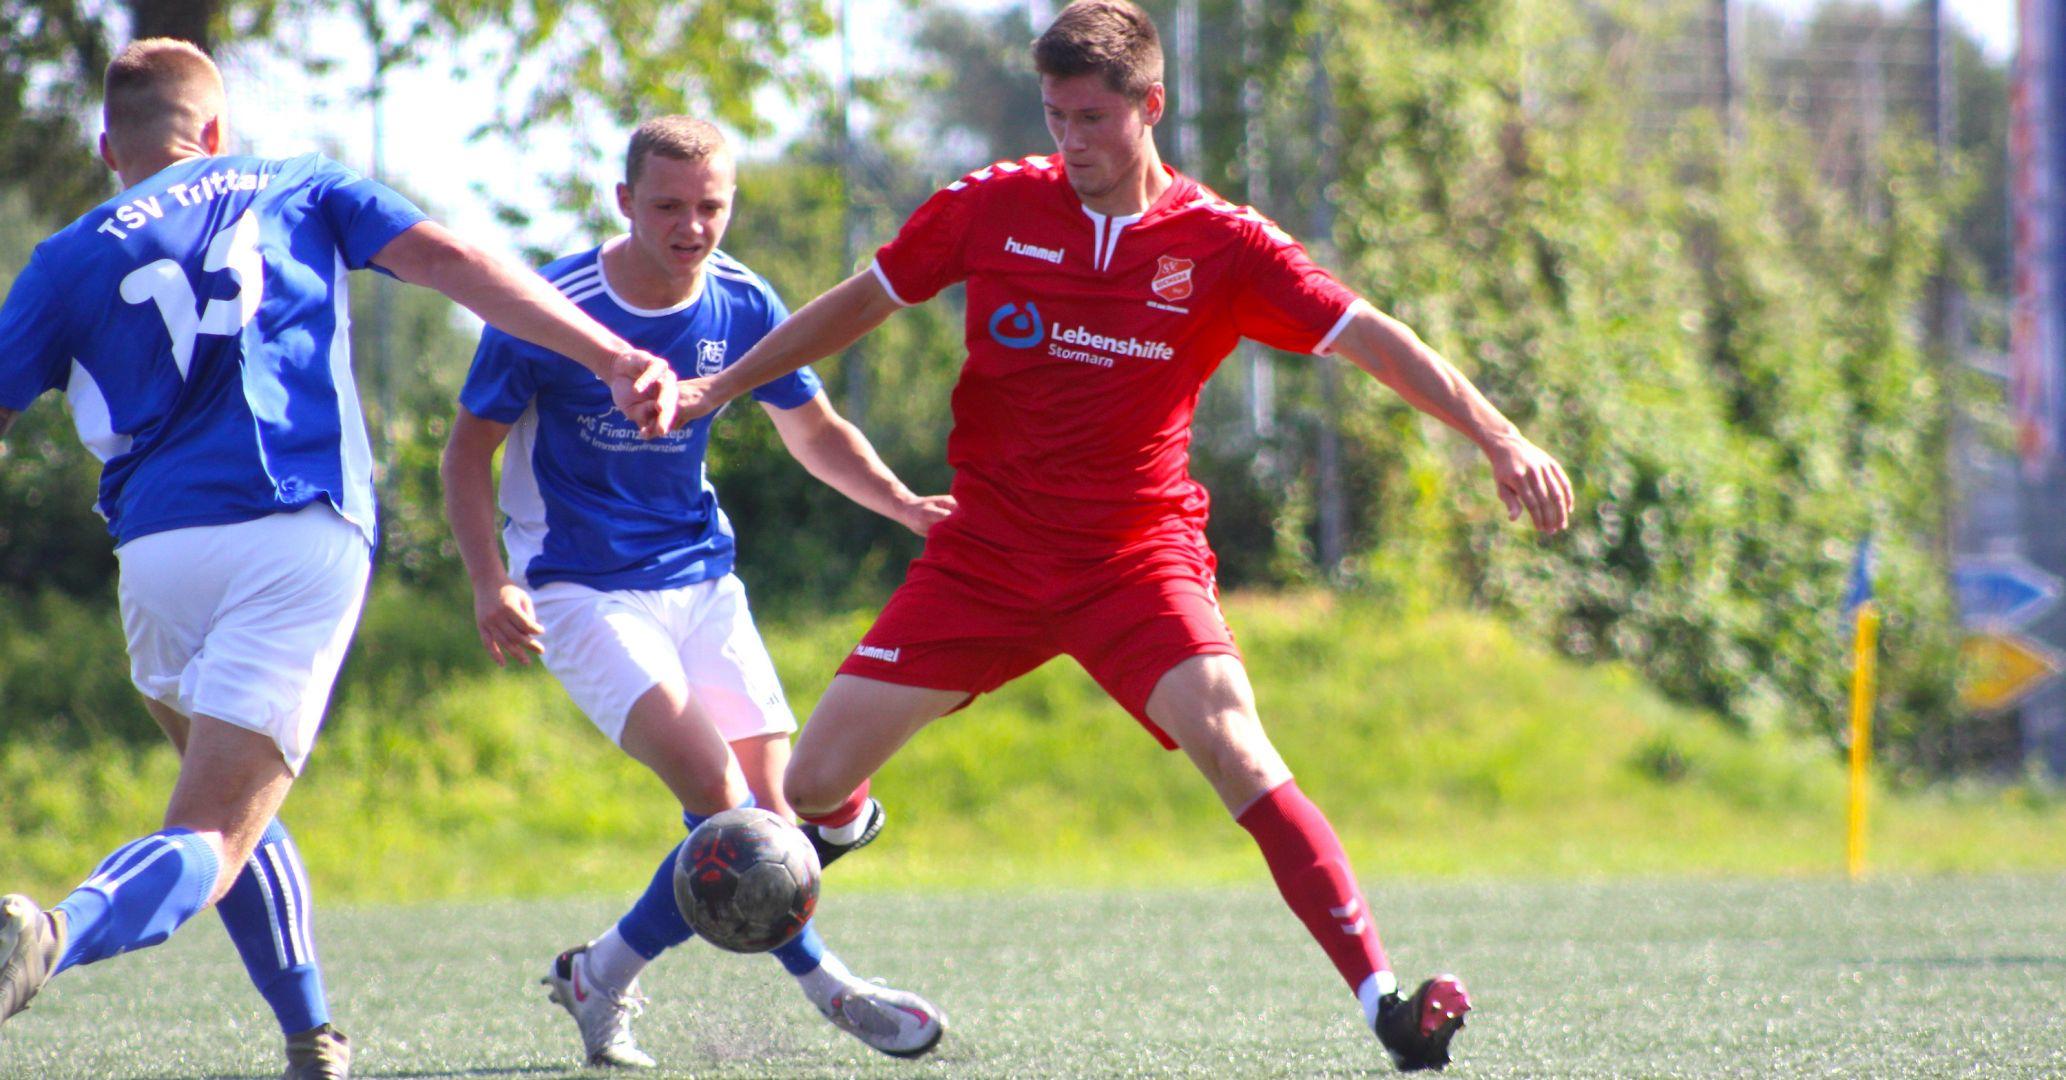 Souveräner Finaleinzug: SV Eichede gewinnt Pokalspiel beim TSV Trittau